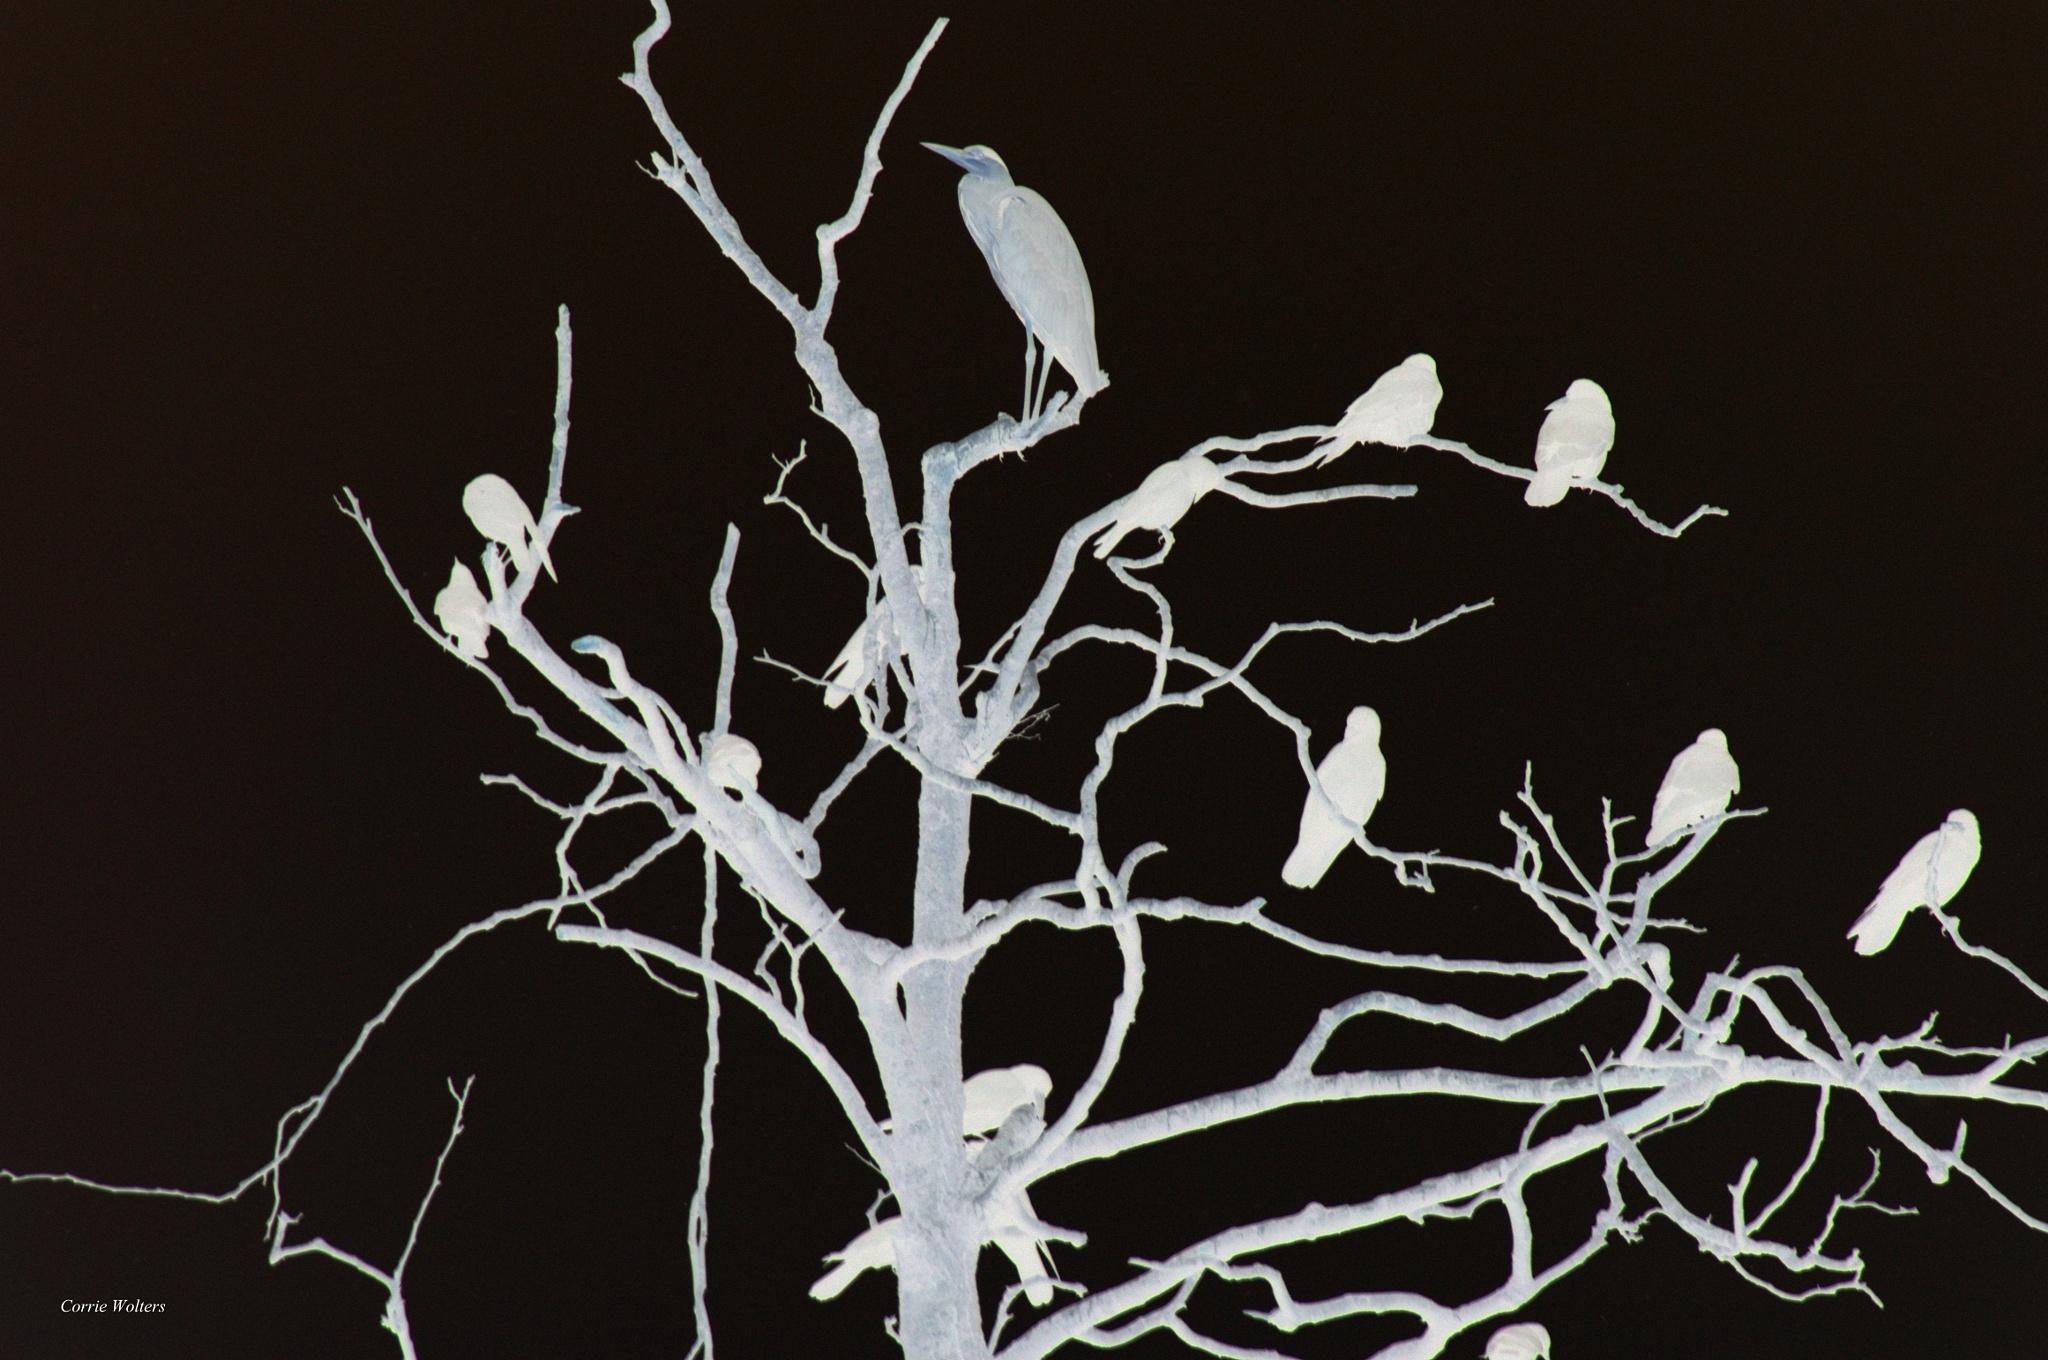 Birds on the night by Scooterlady